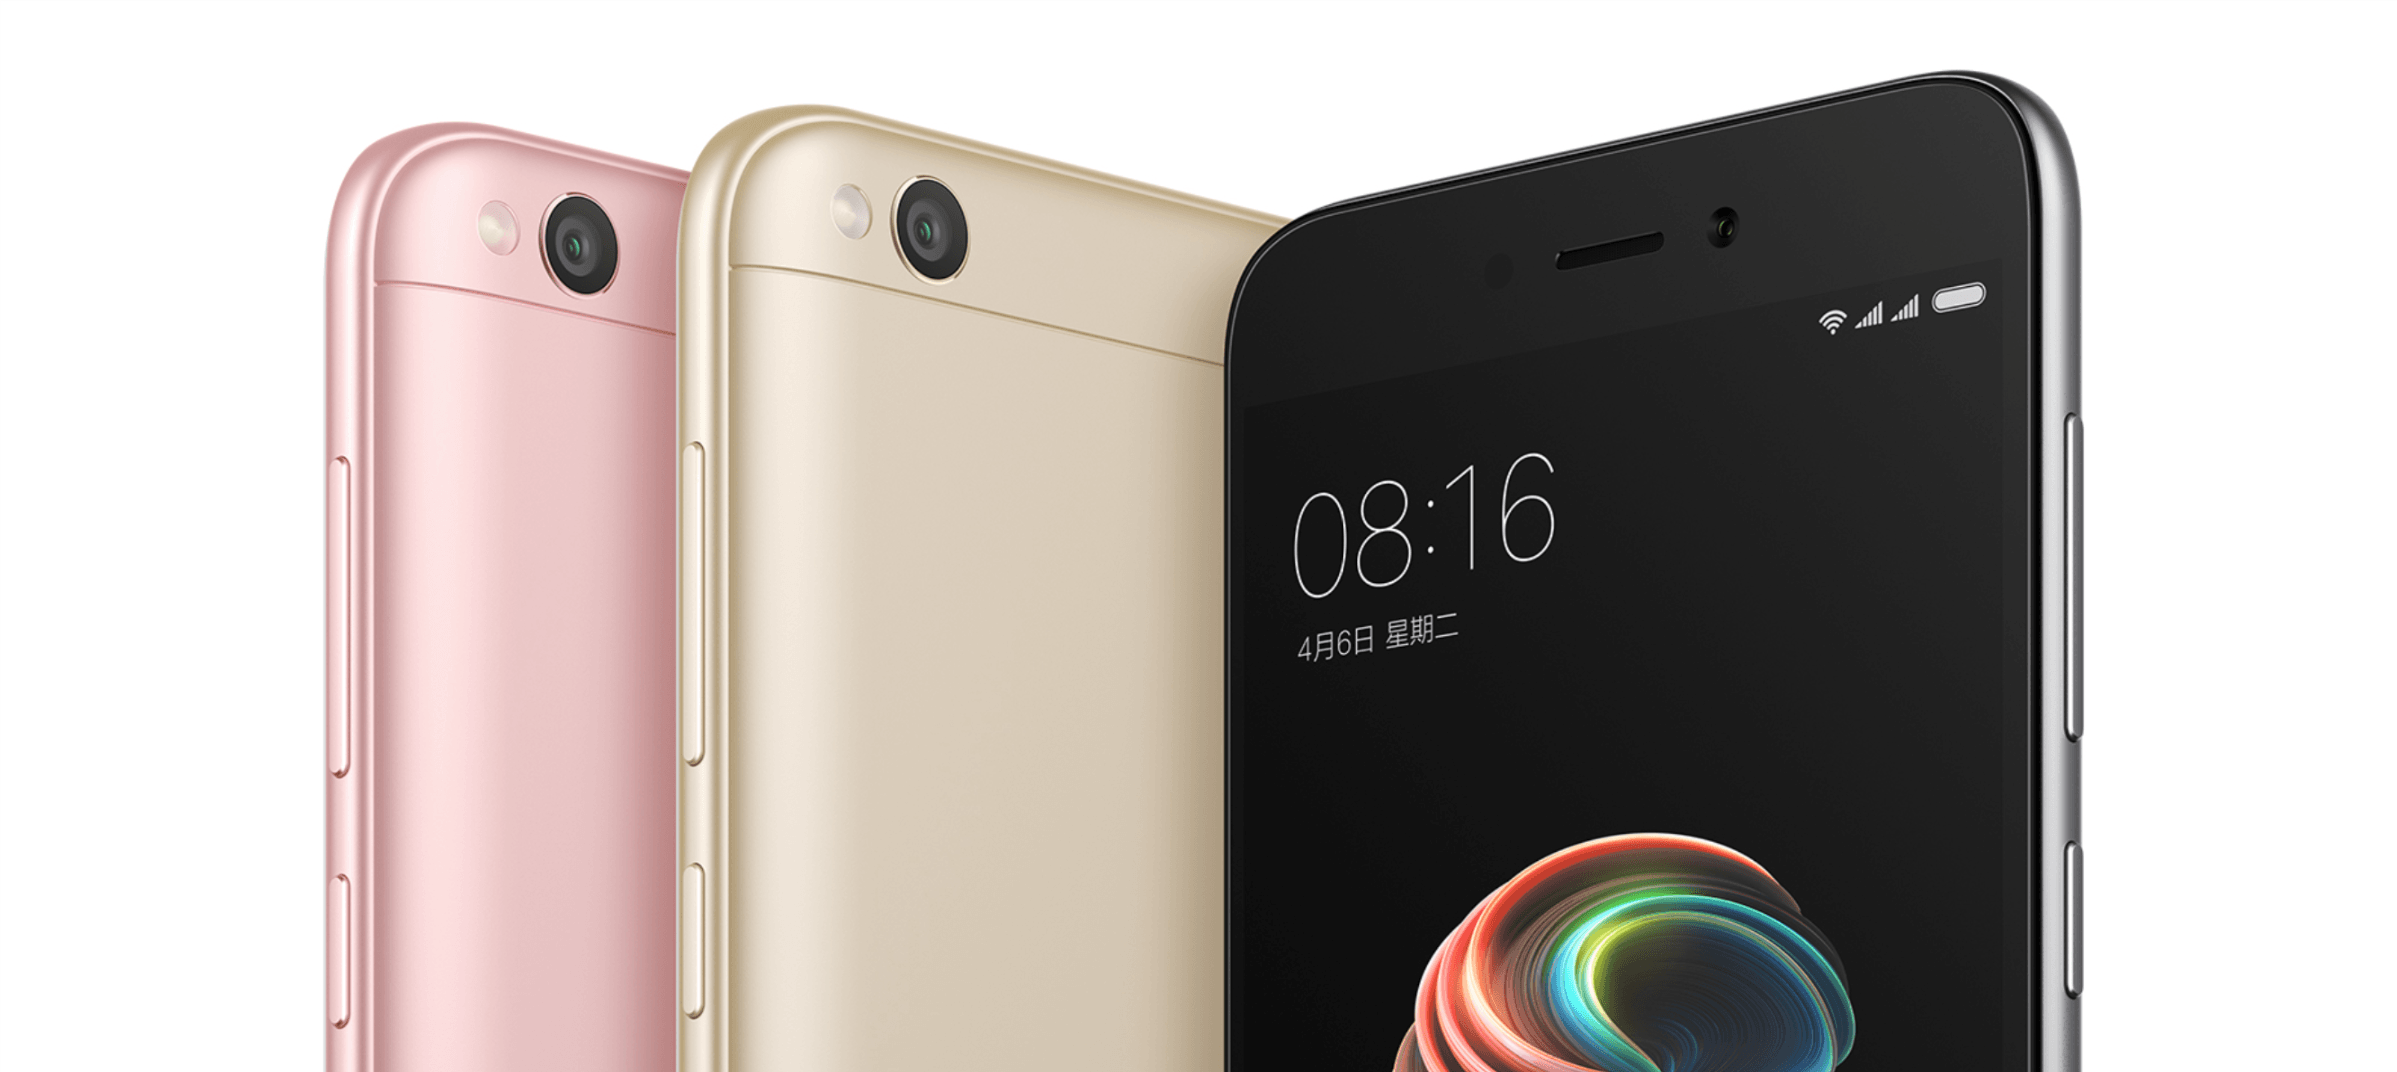 Xiaomi Redmi 5A zaprezentowany - to samo, co Redmi 4A, tylko że w (jakby) metalowej obudowie i z mniejszą baterią 19